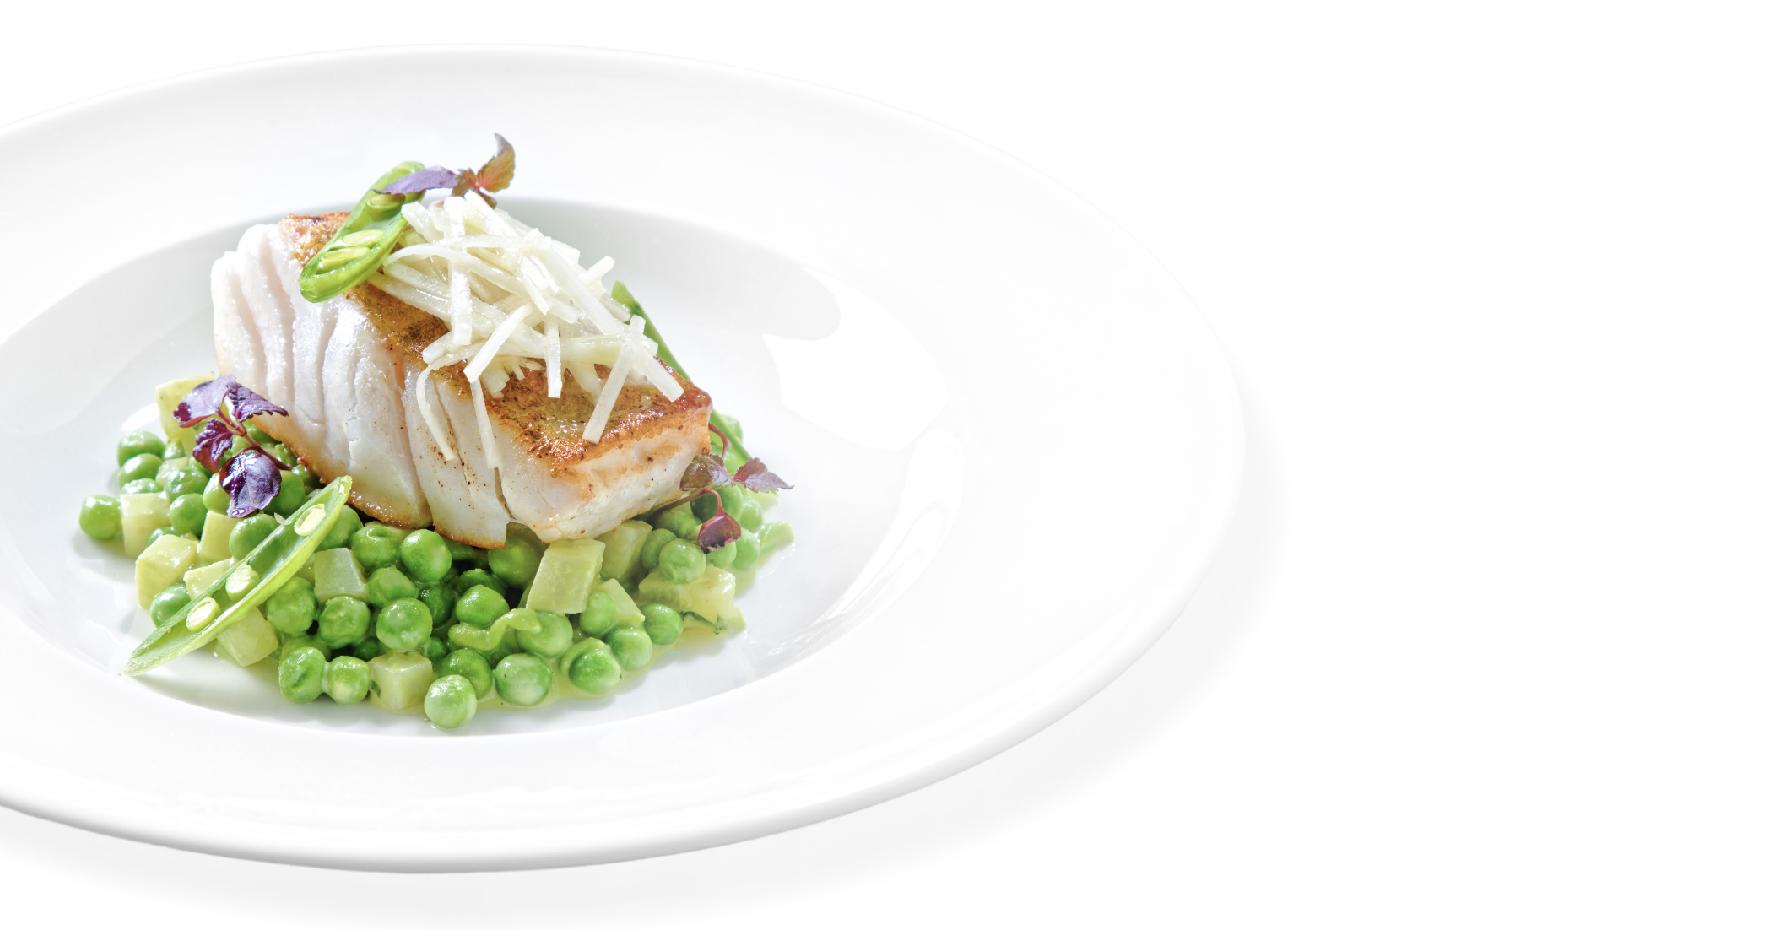 Zdravá jídla s gastronomickým zážitkem